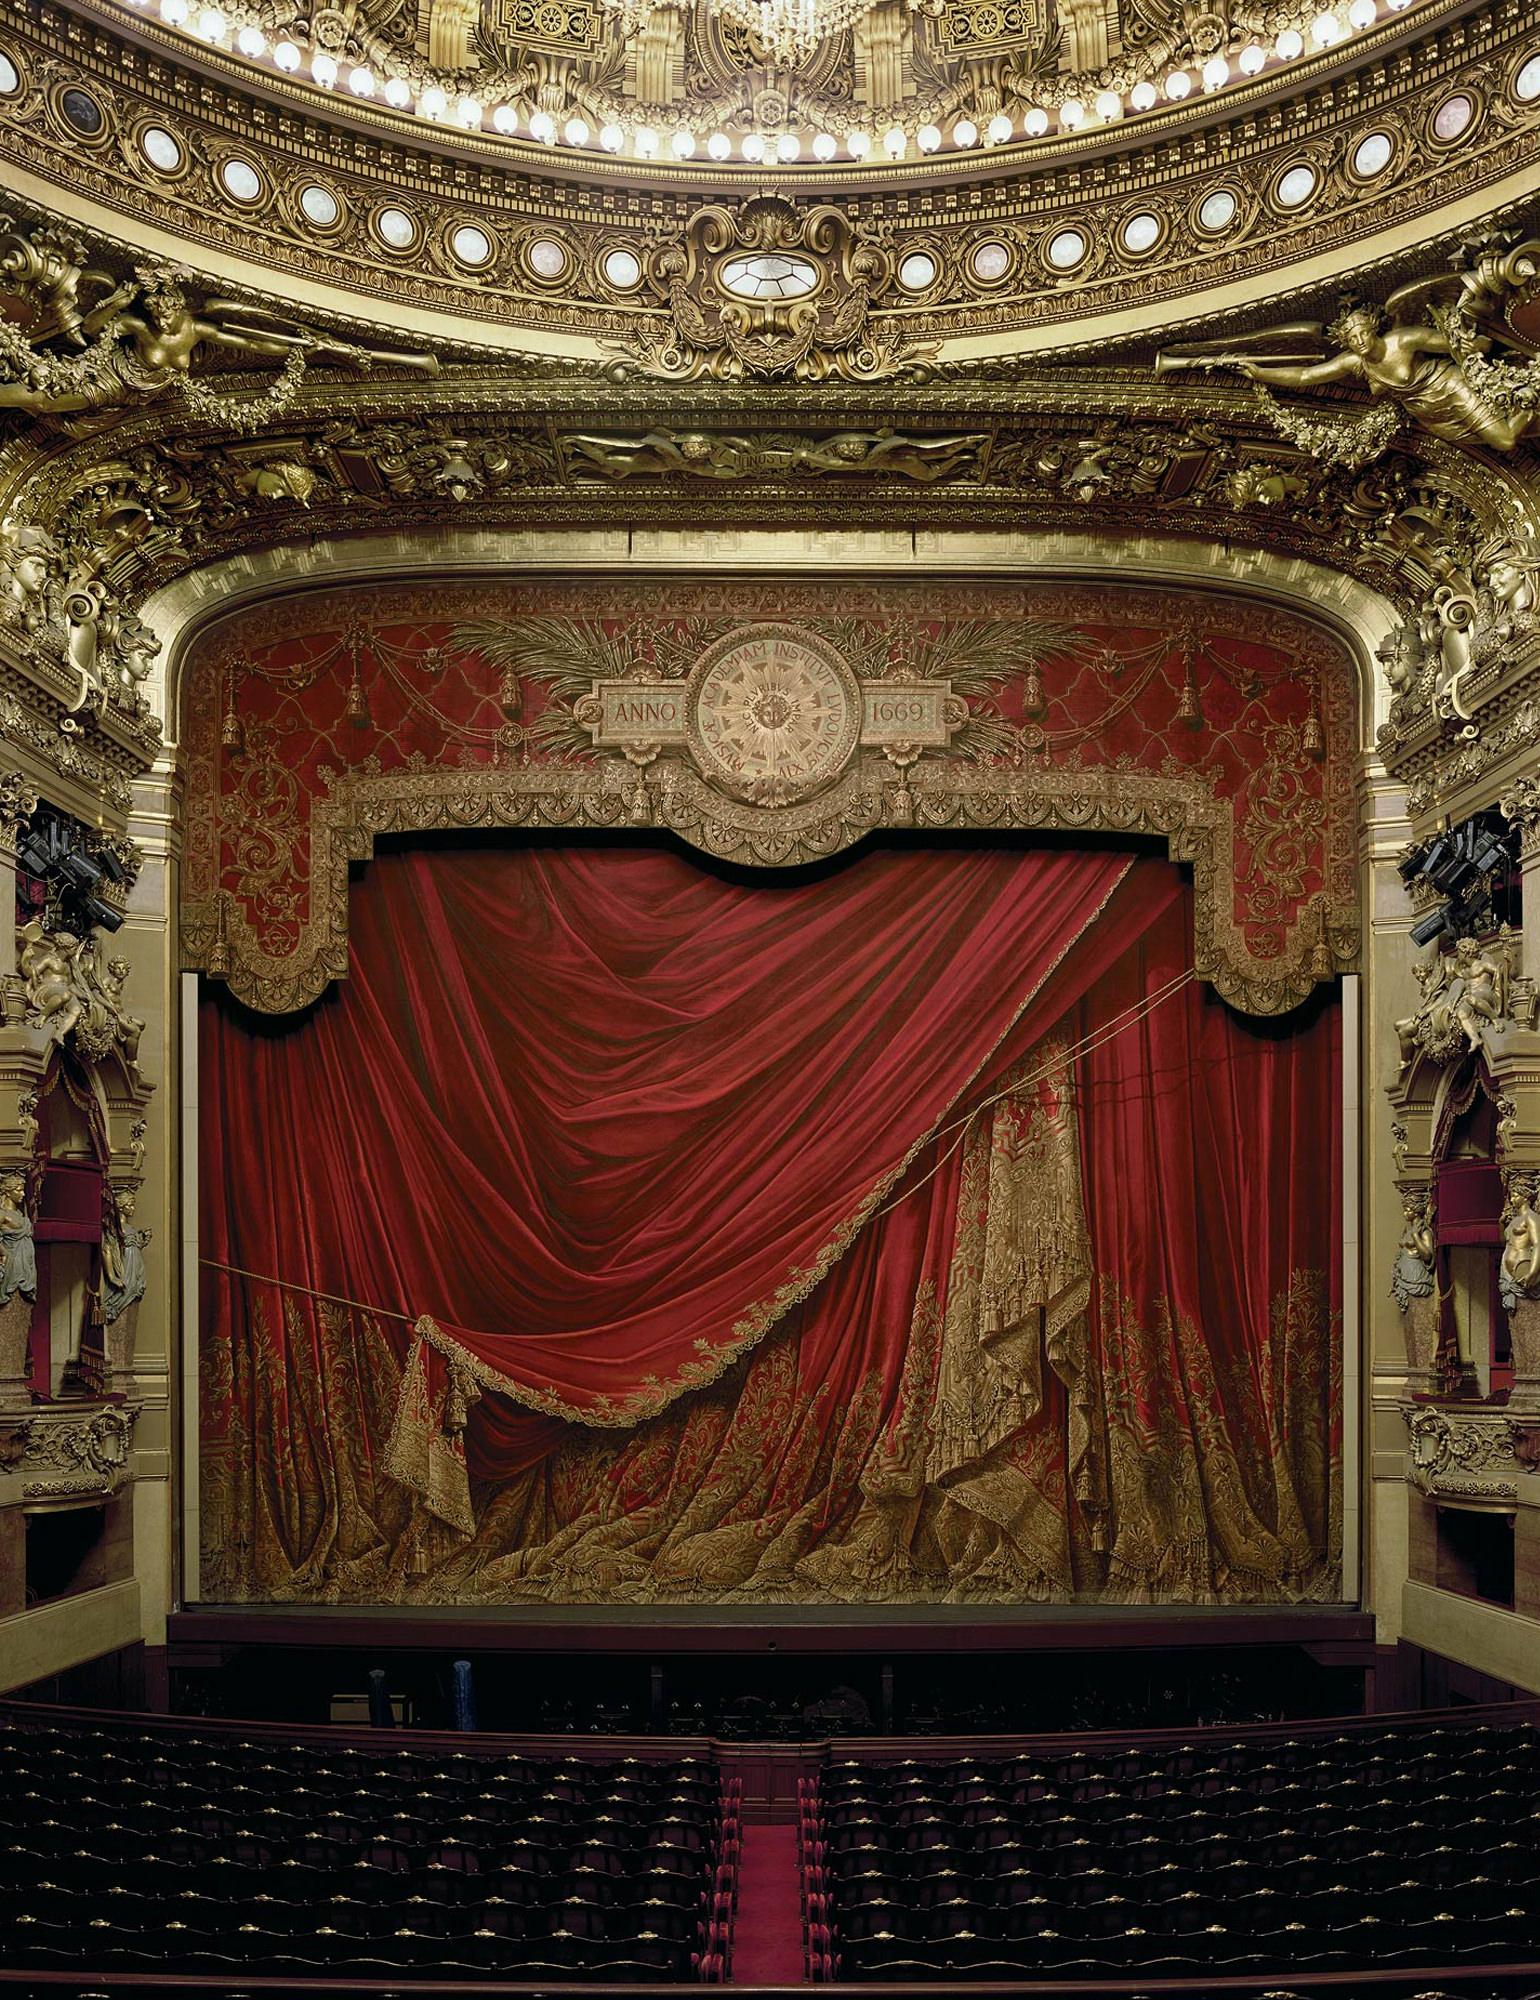 Palais Garnier Paris France 2009